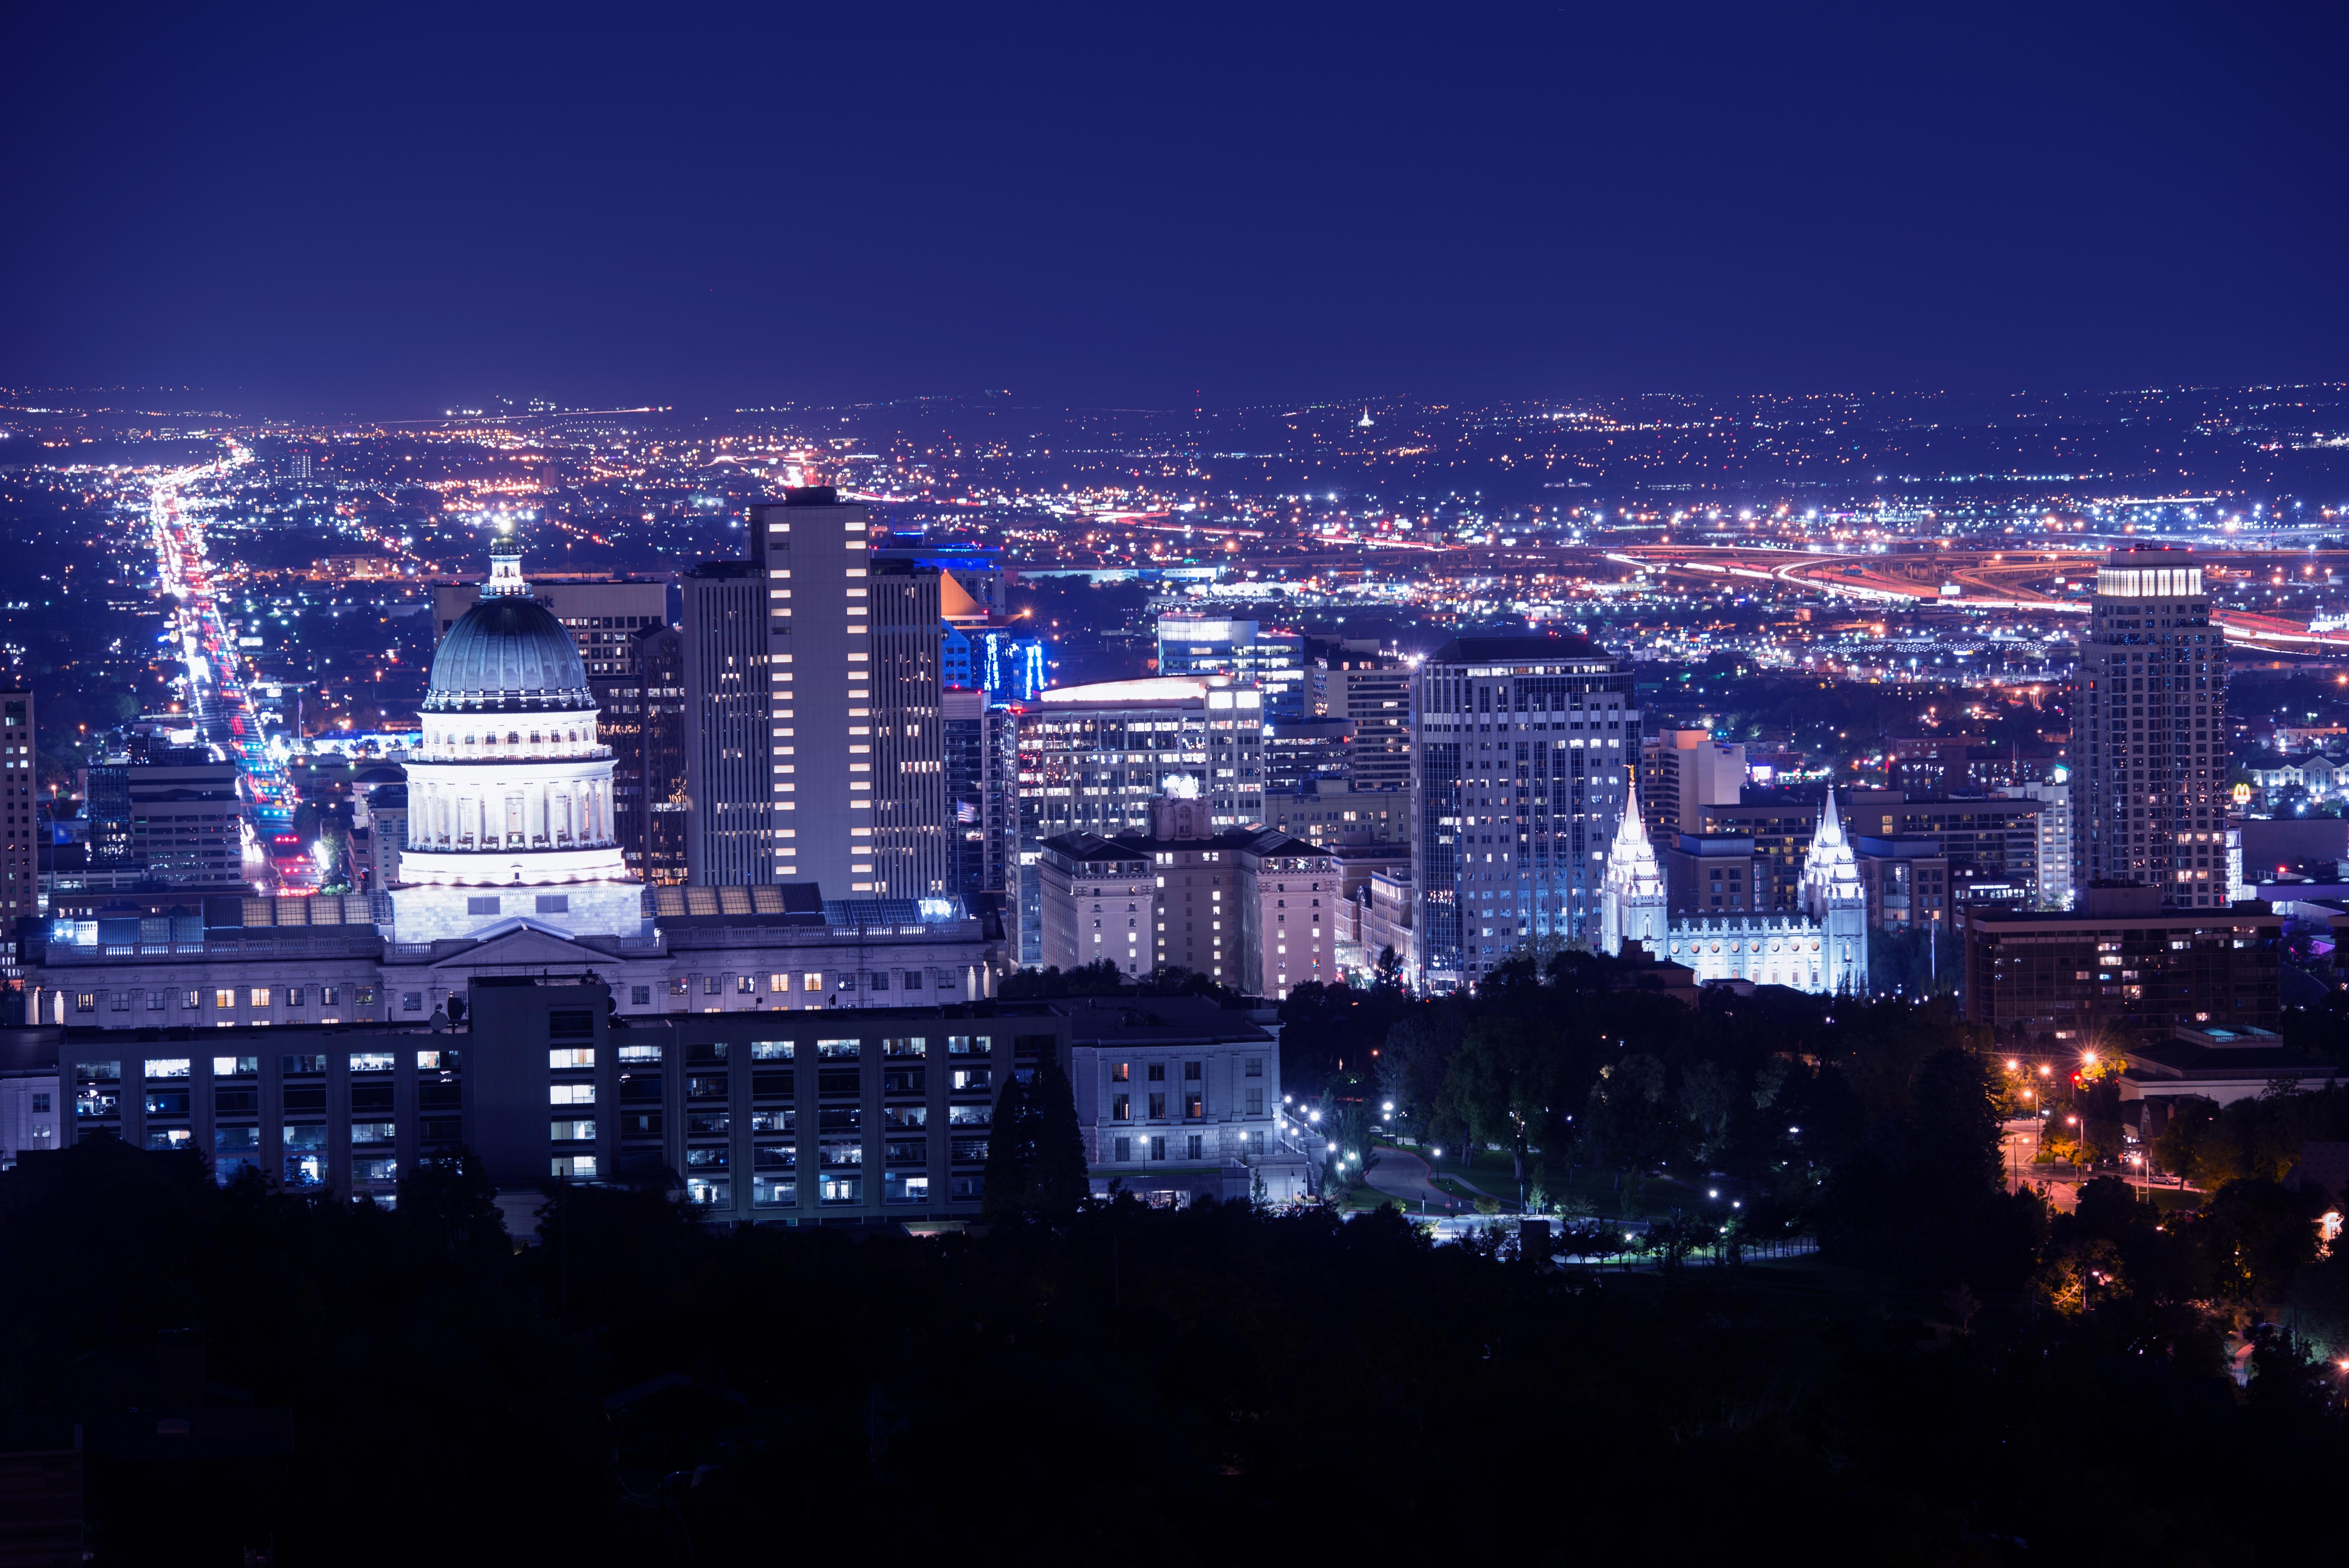 Salt Lake City, Utah | St. George News